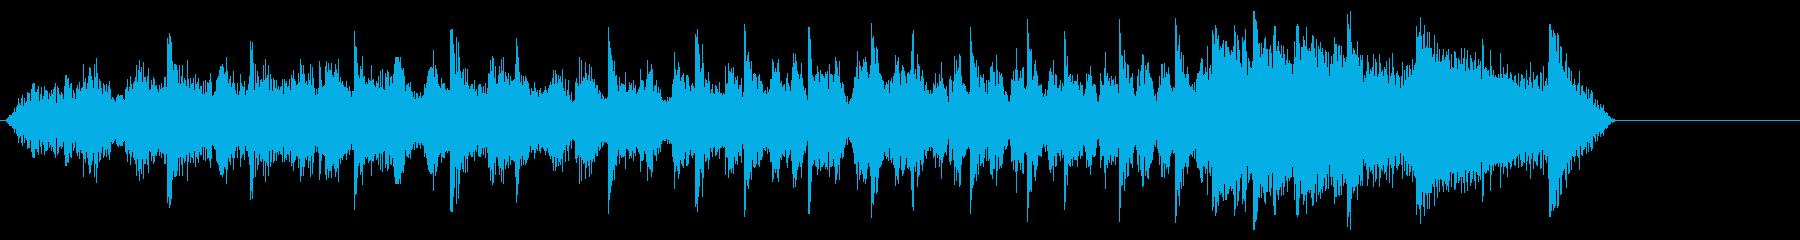 音楽効果;起動、再生、停止の長いア...の再生済みの波形